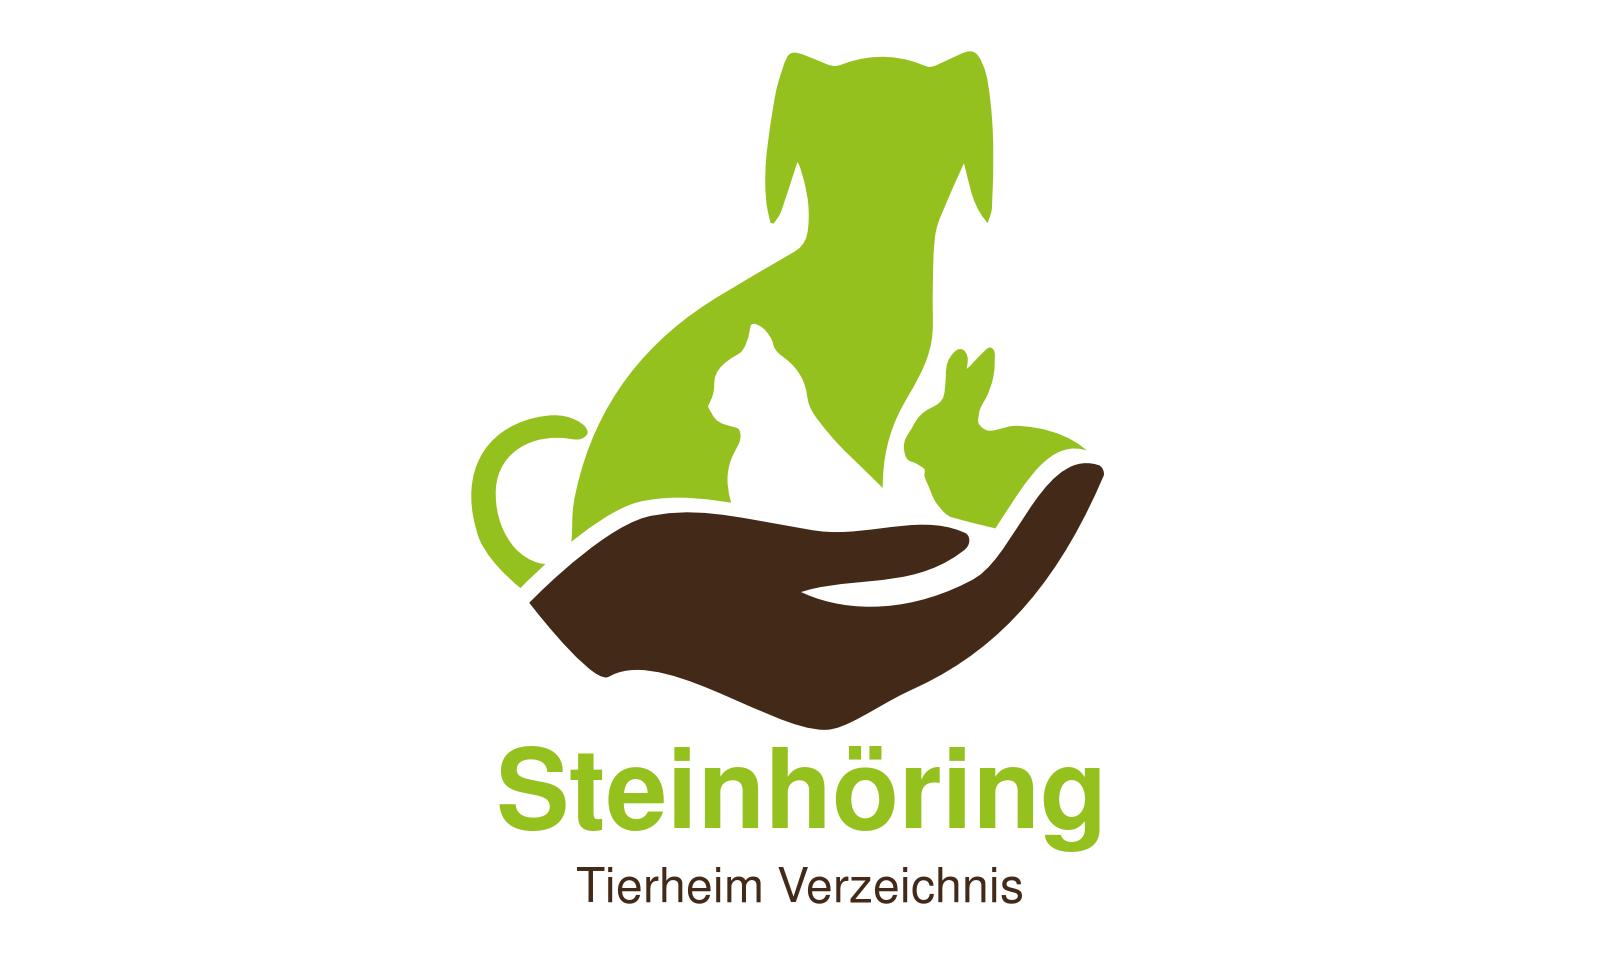 Tierheim Steinhöring